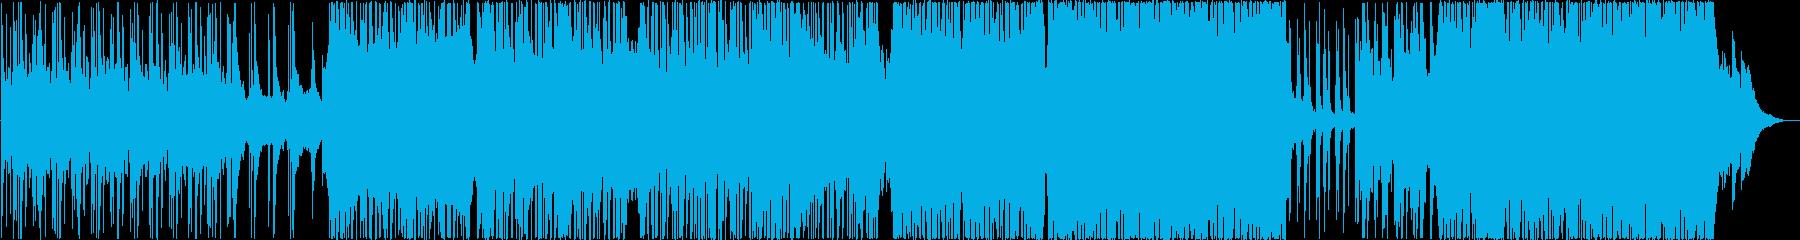 ミュージカル風!明るく感動的なポップスの再生済みの波形